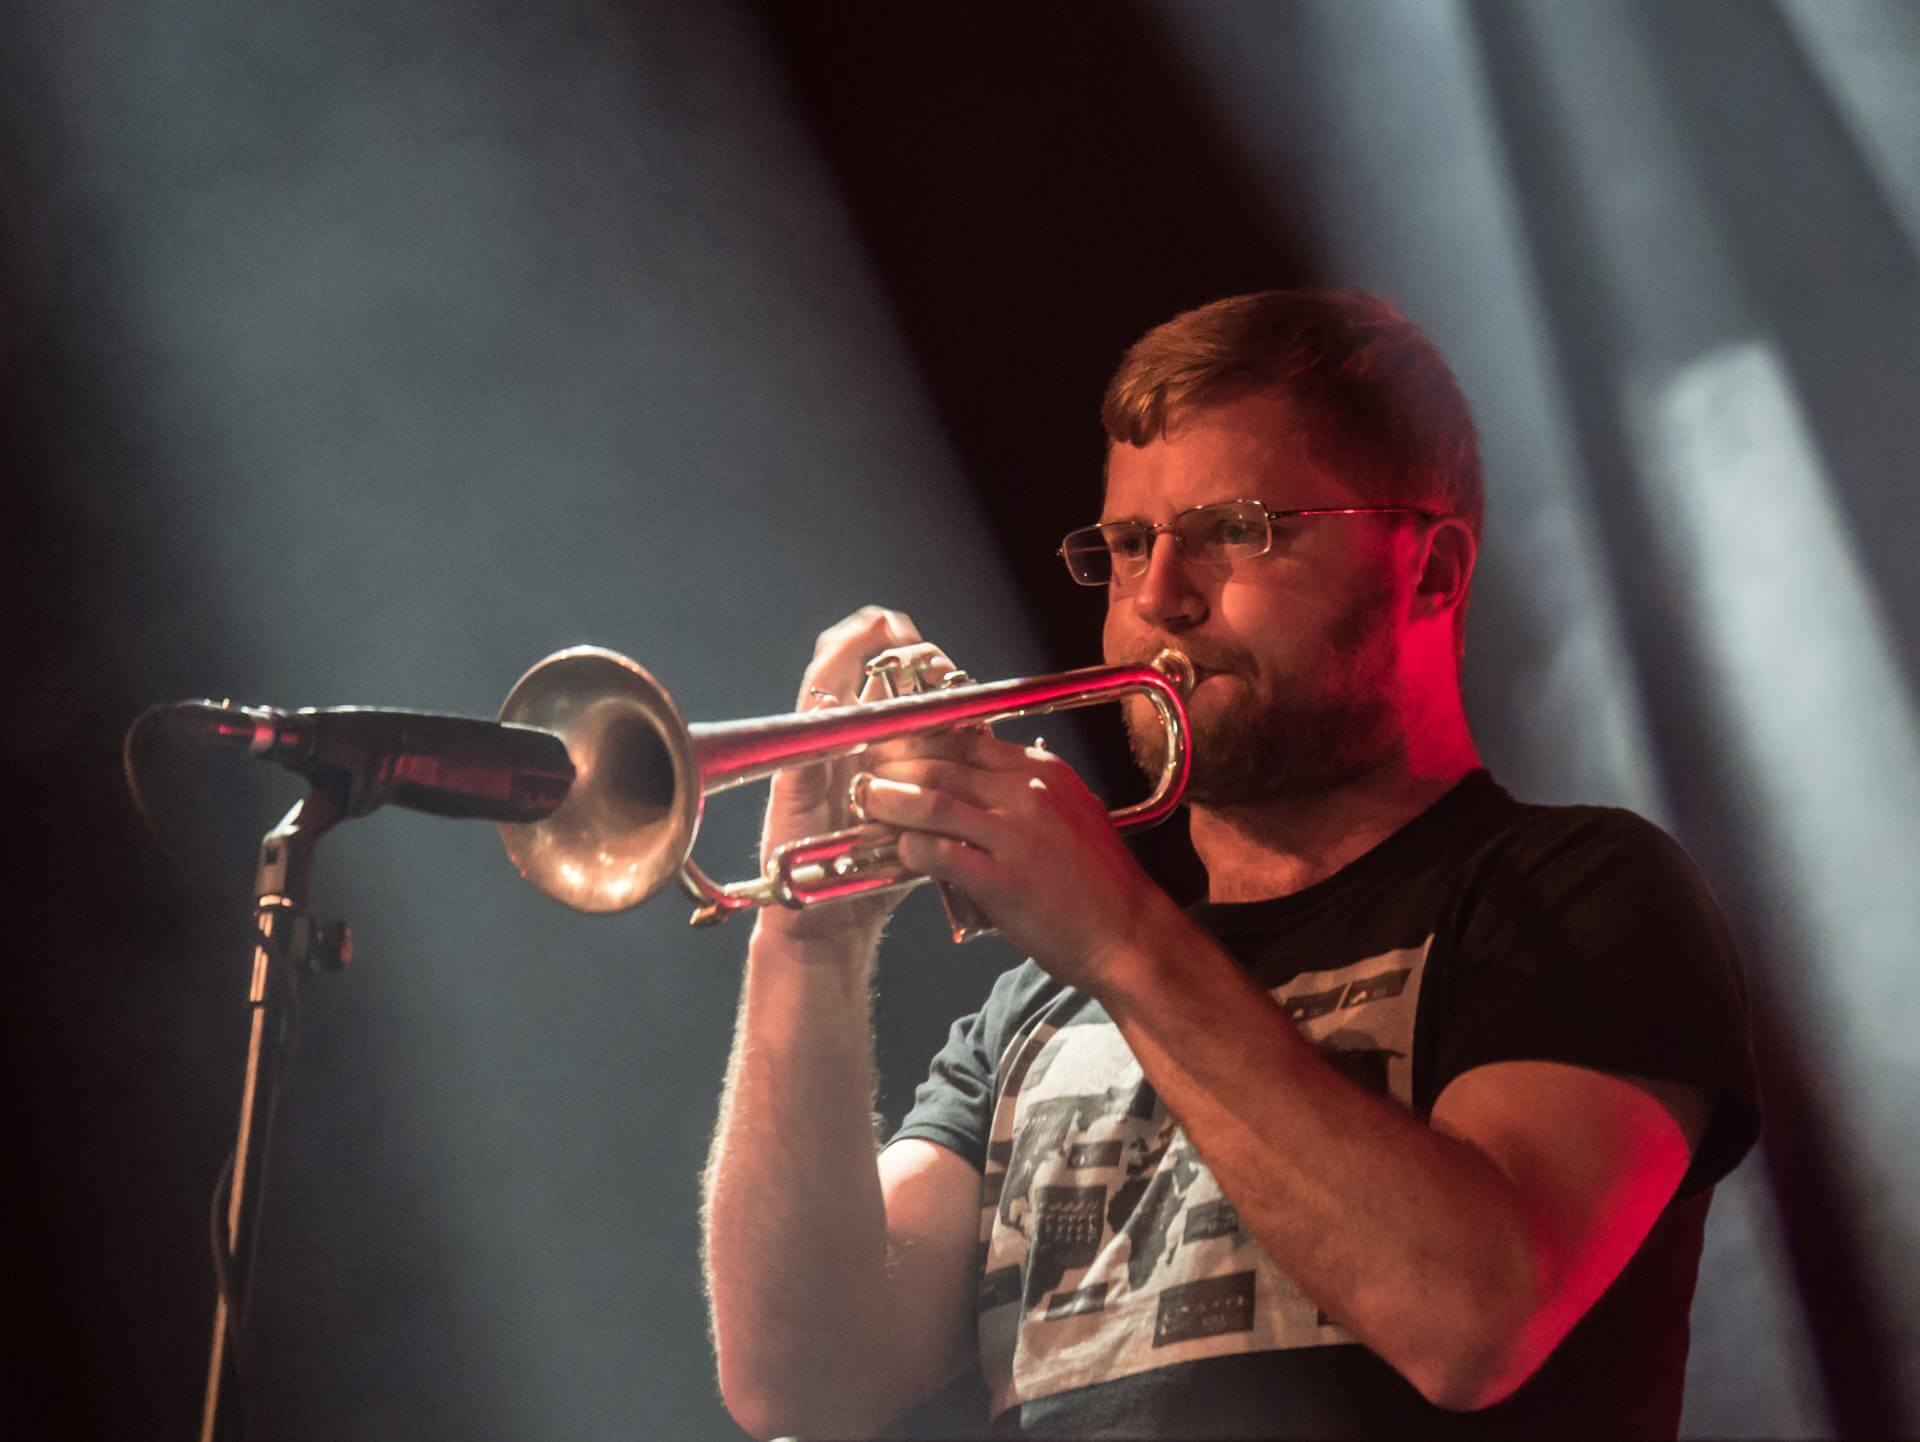 Peter-Evans - fot. Harald Krichel